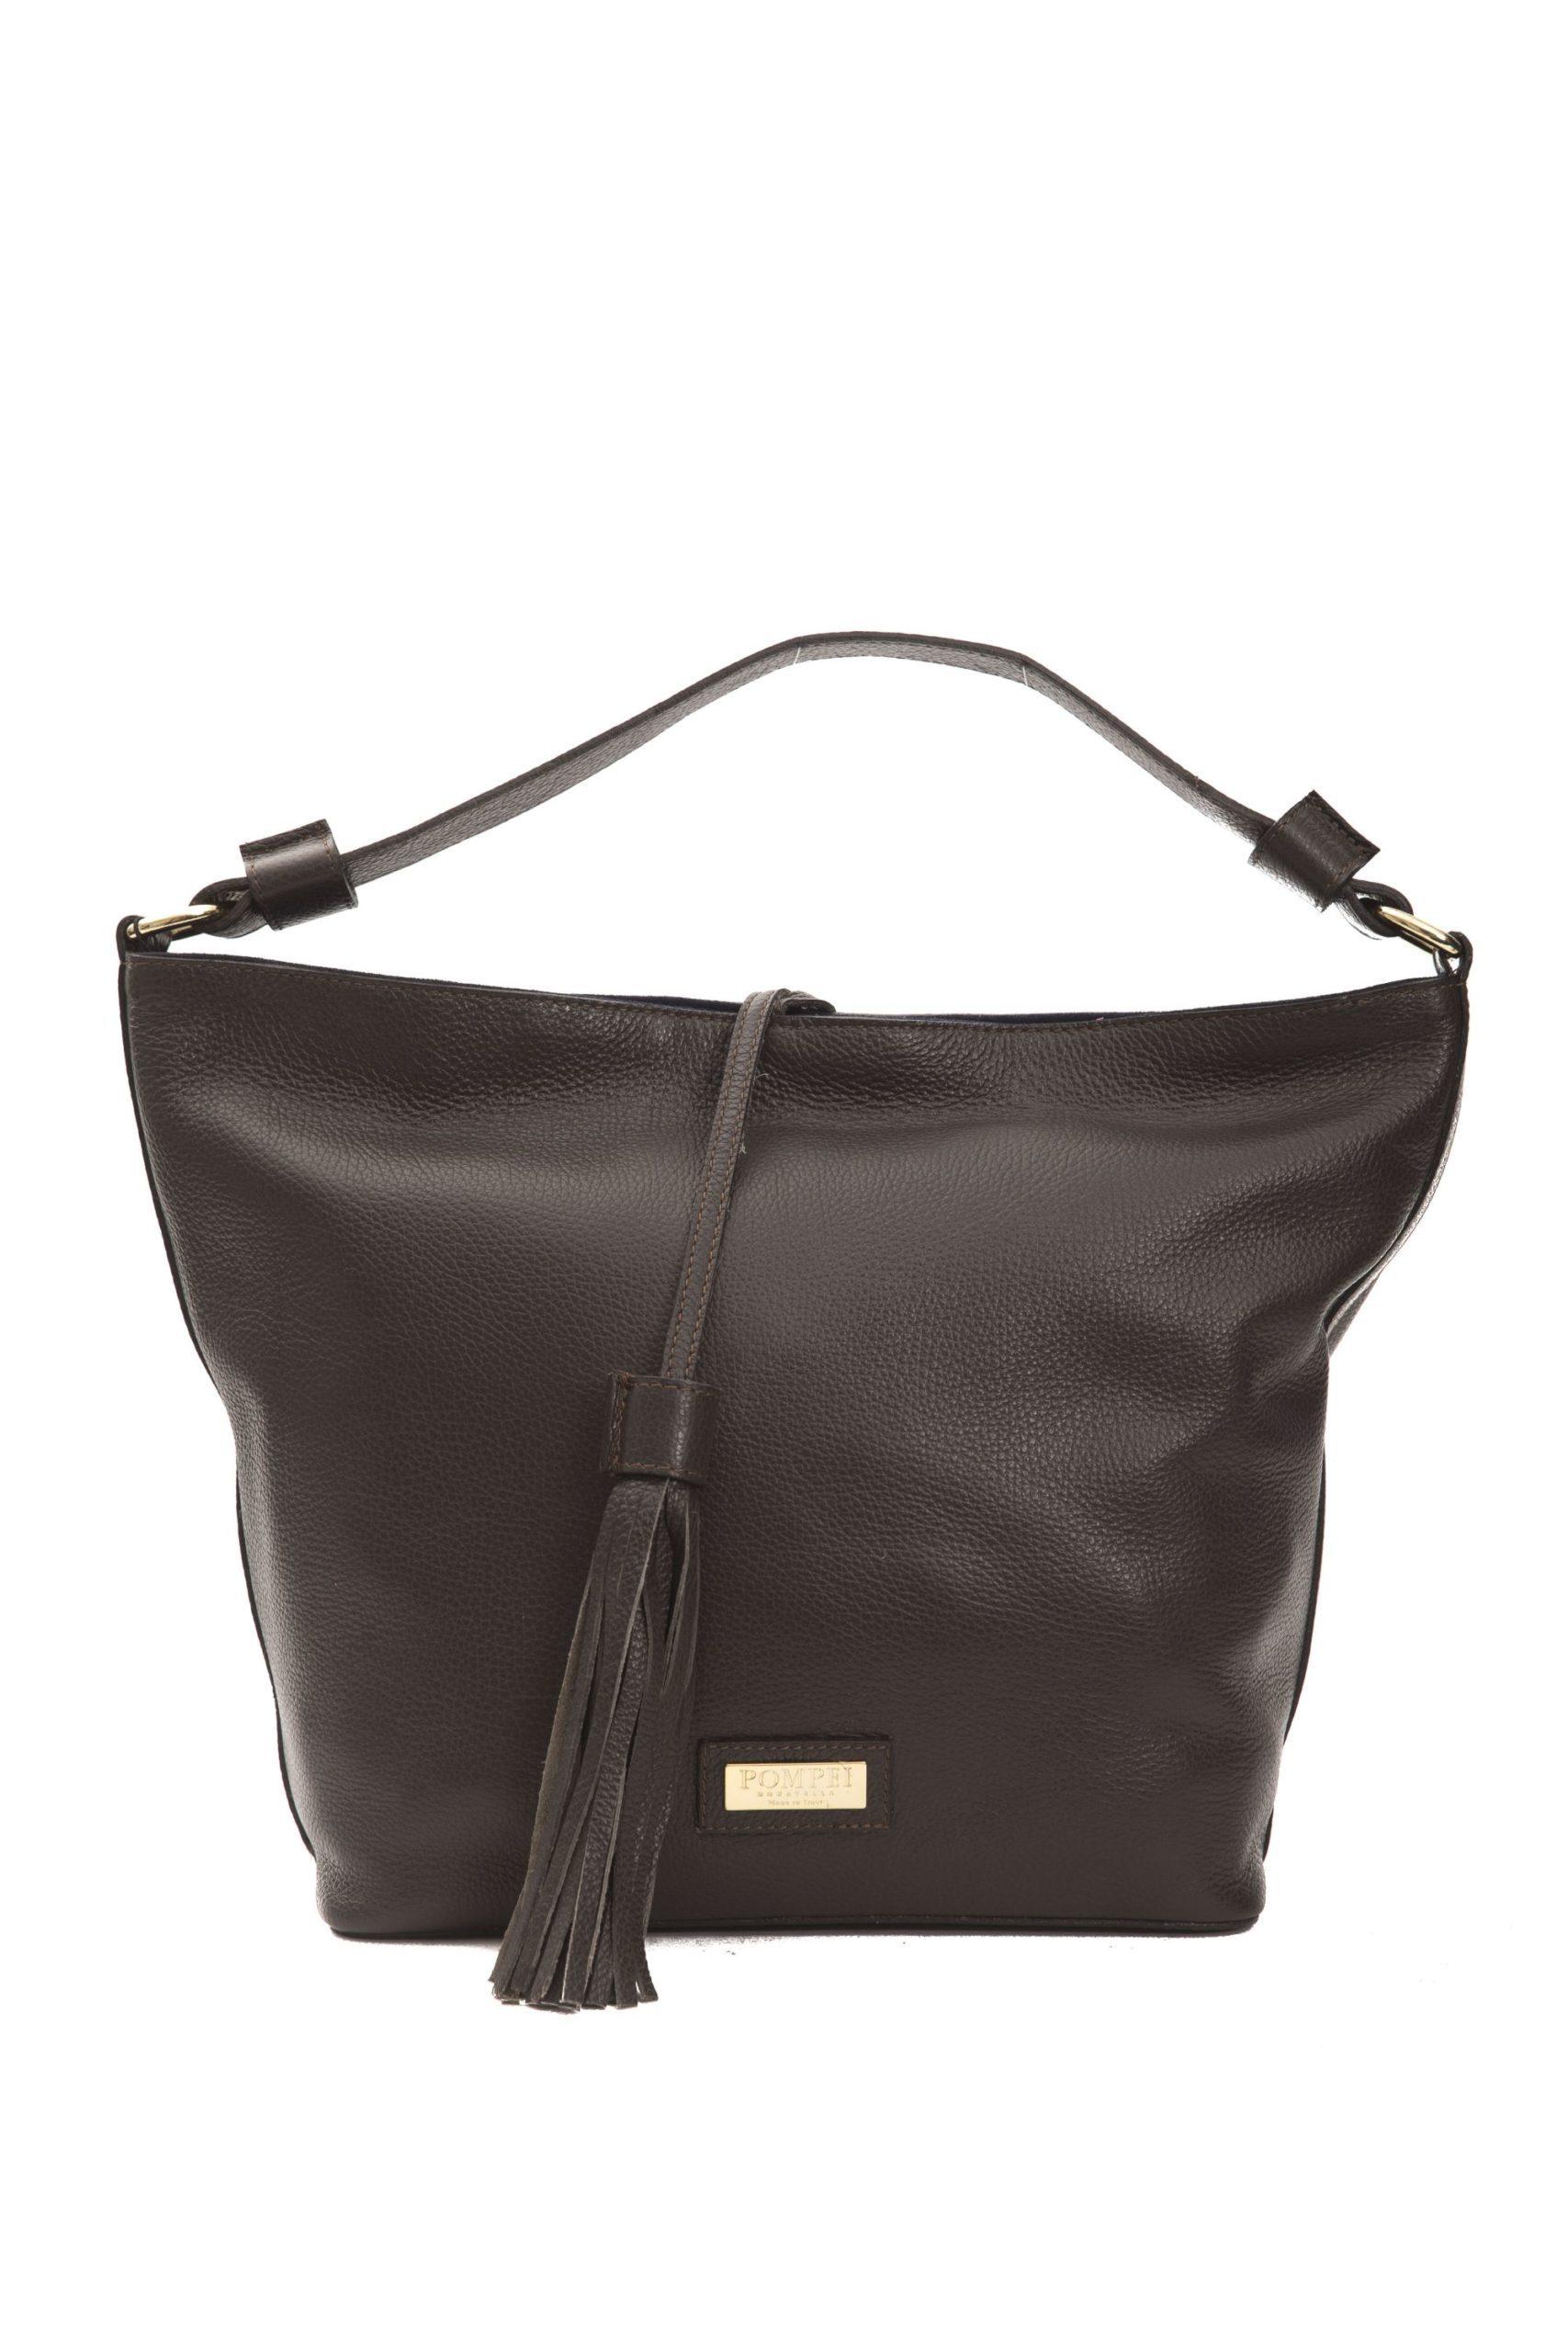 Pompei Donatella Women's Cioccolato Shoulder Bag Brown PO1005059